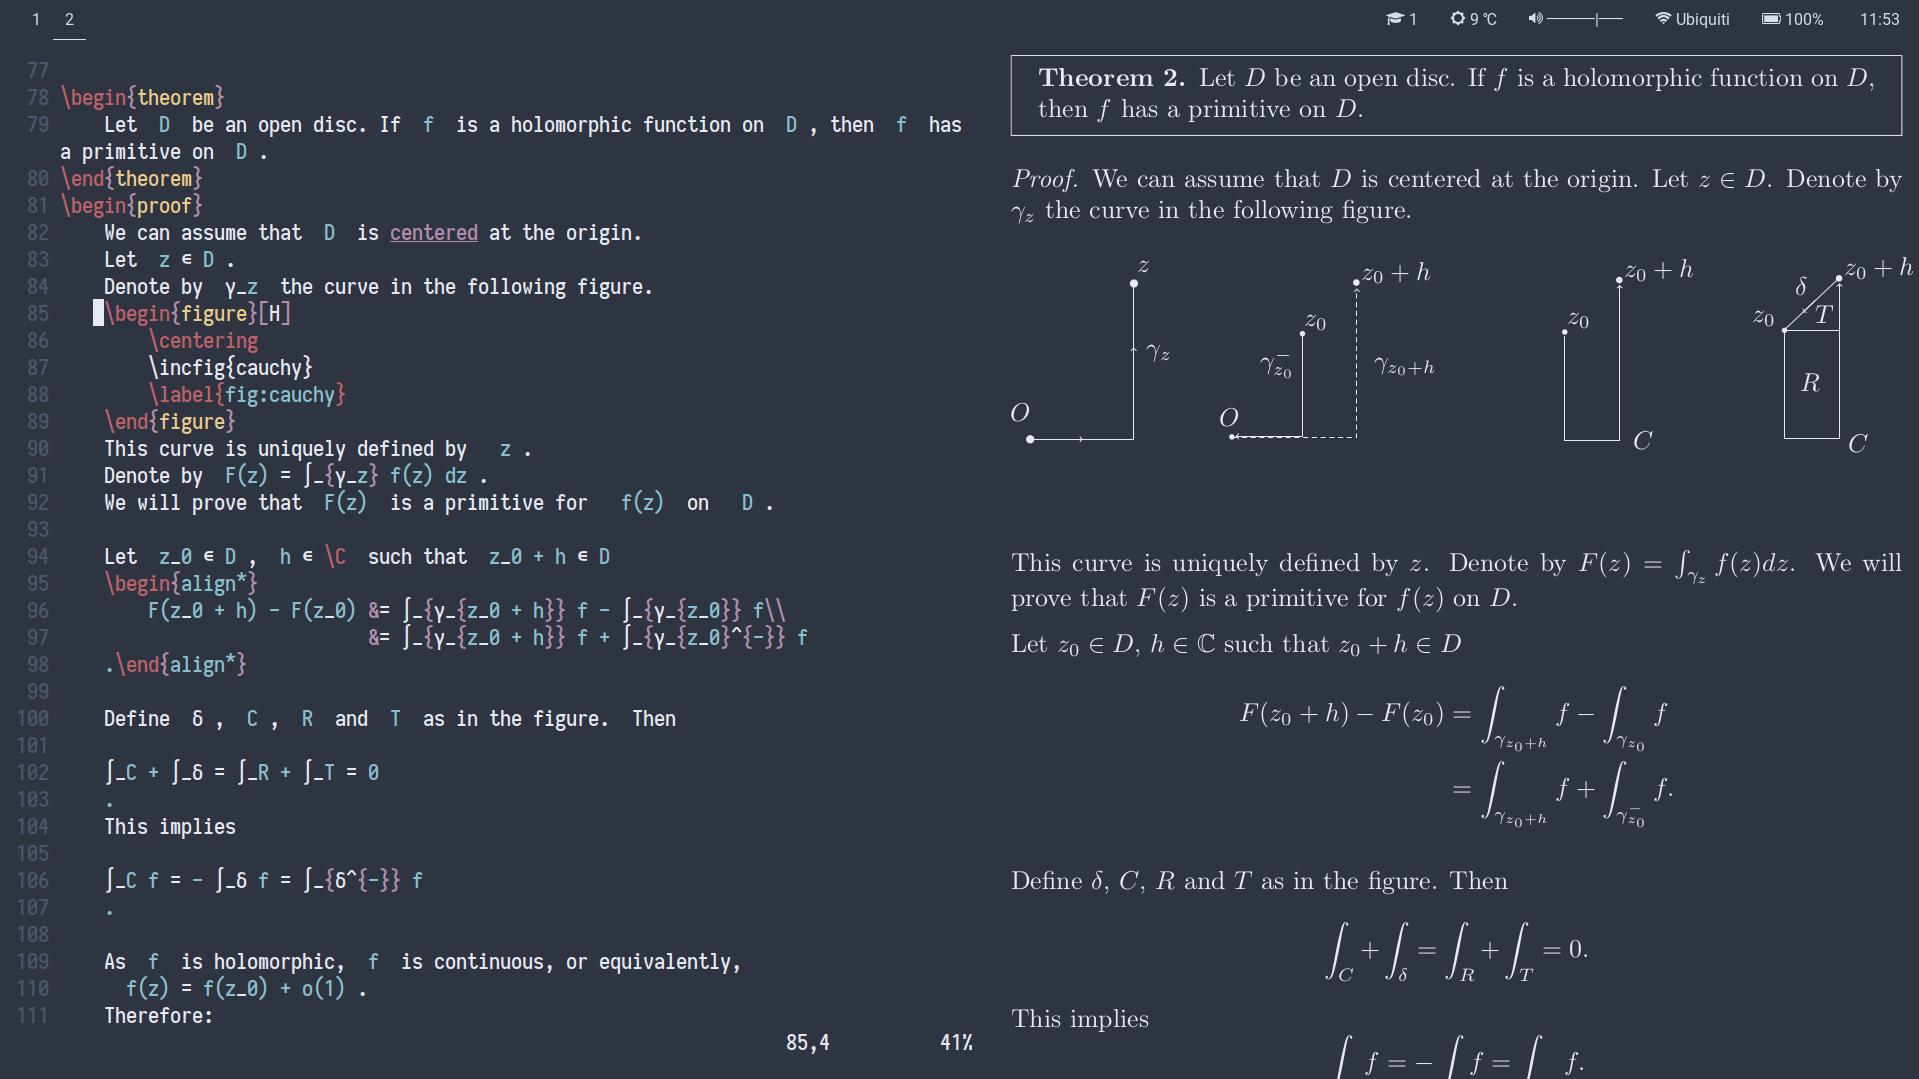 Как я пишу конспекты по математике на LaTeX в Vim - 4